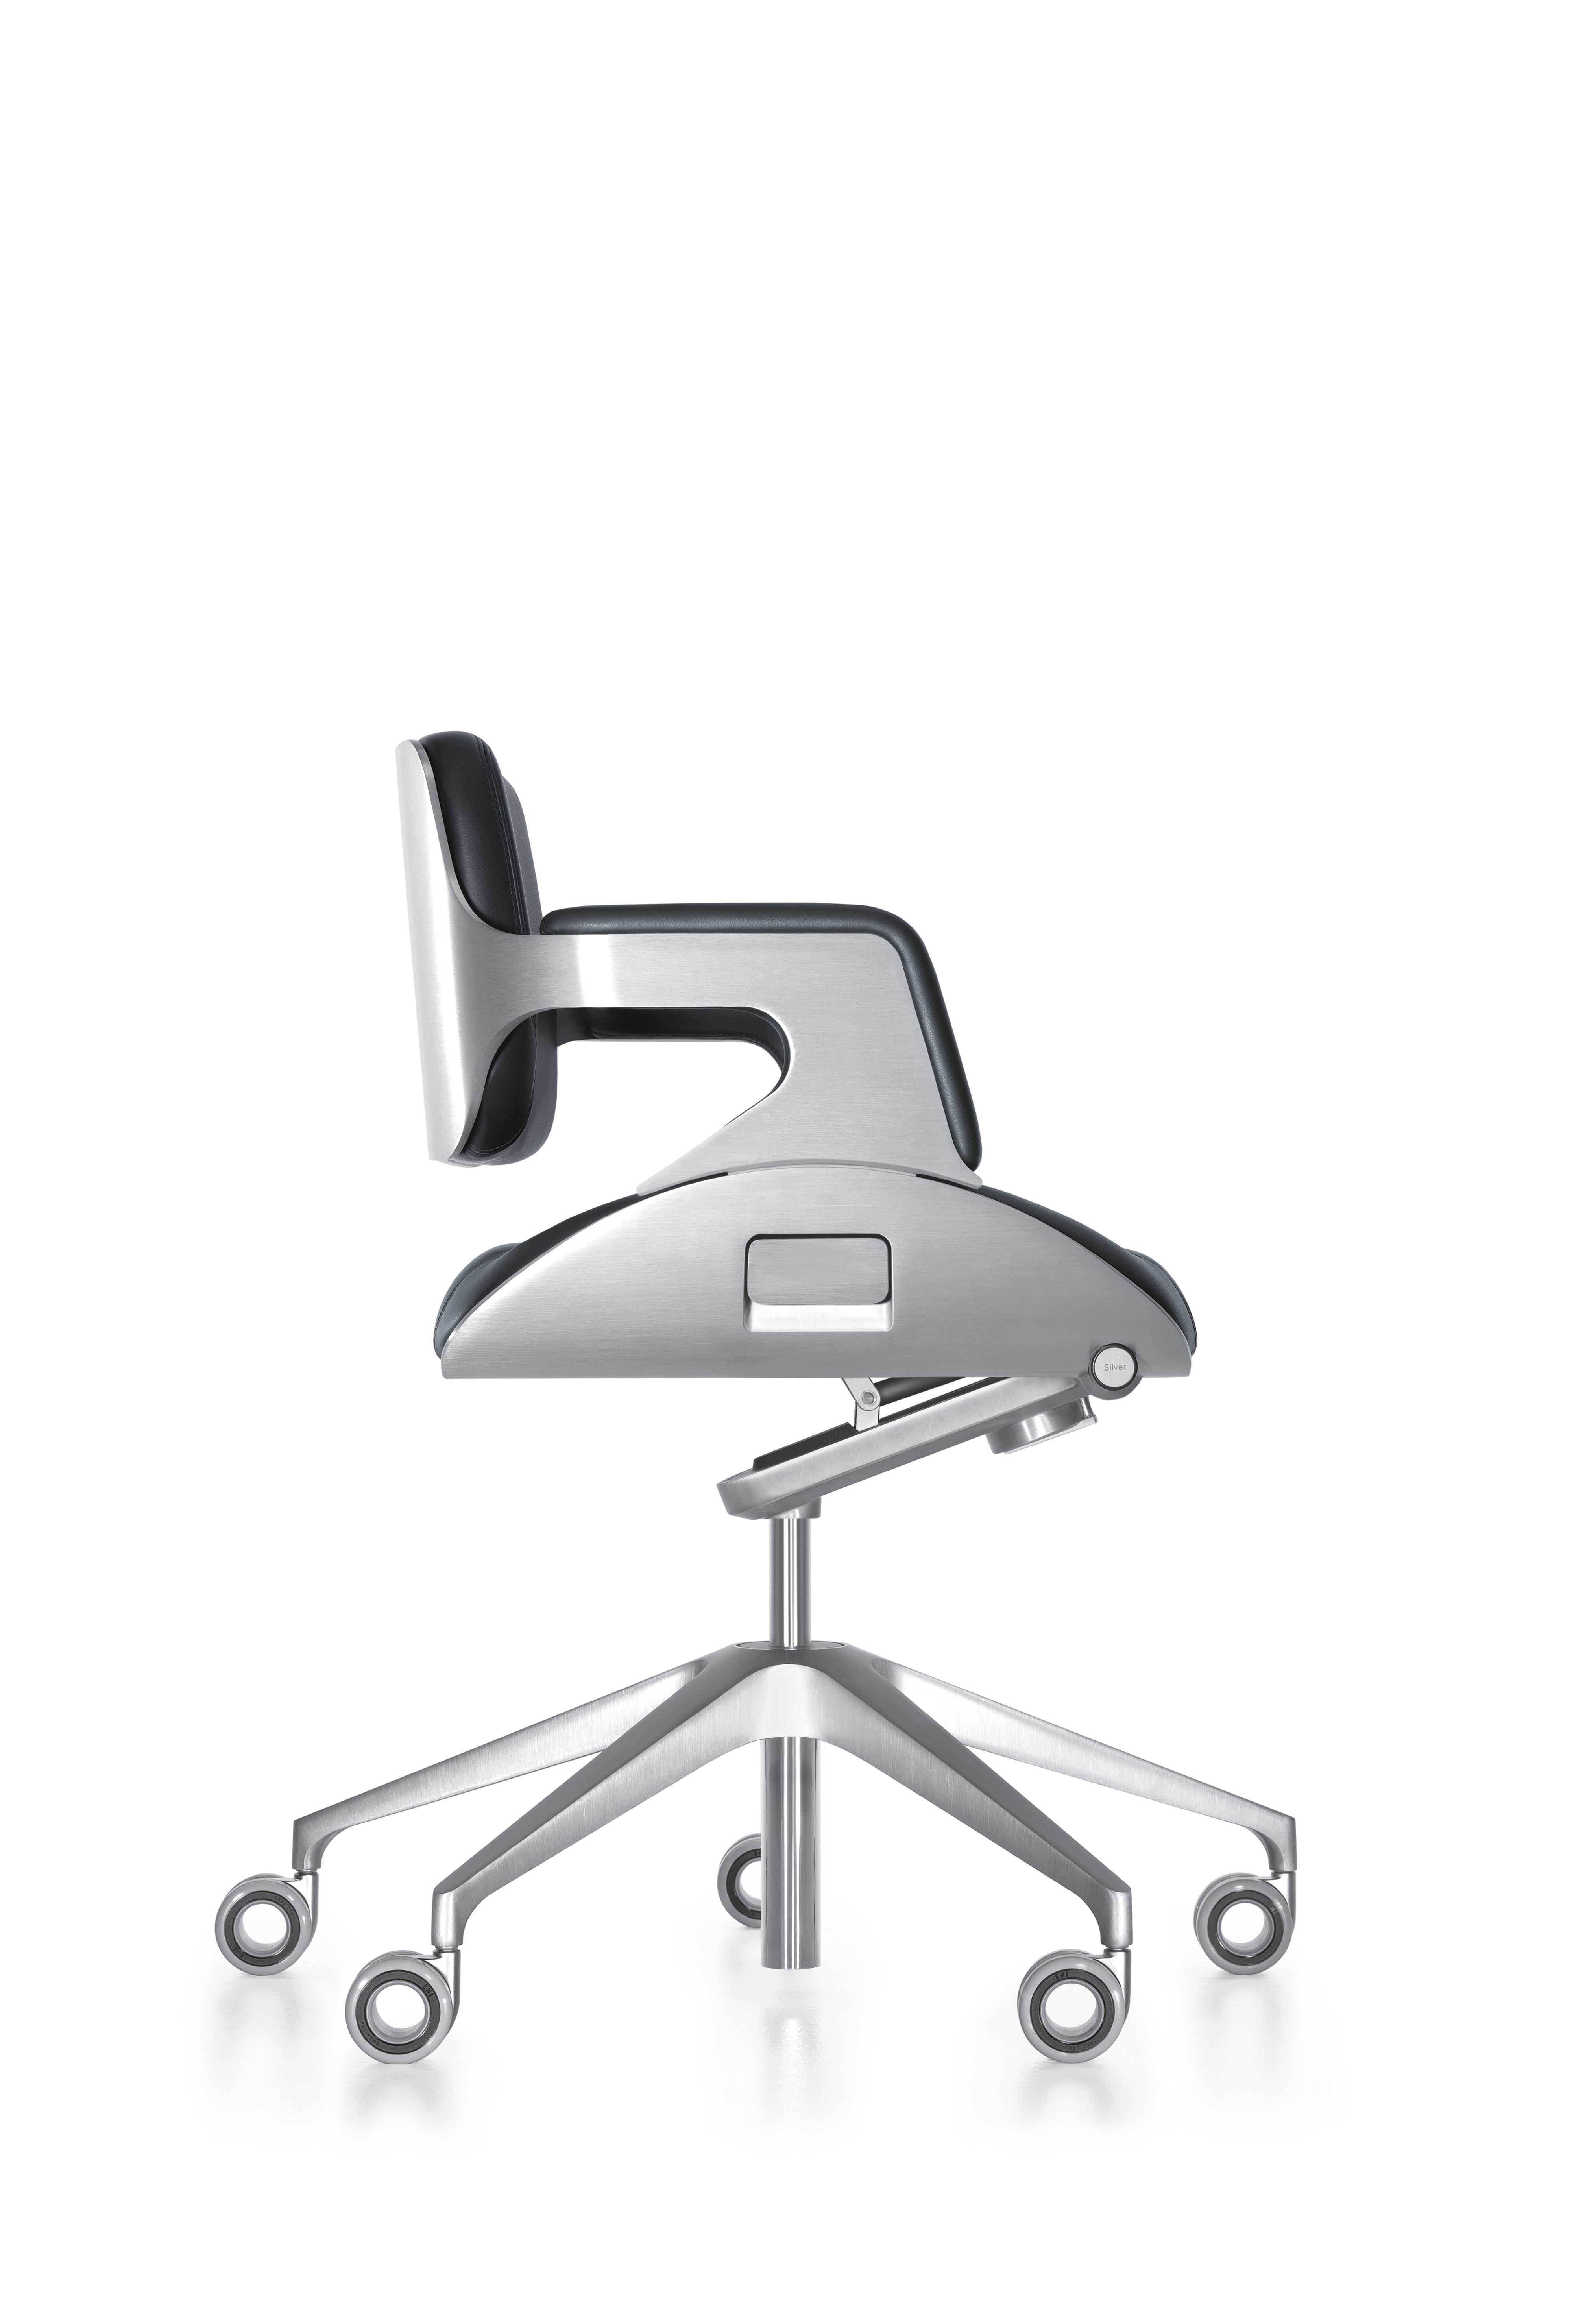 Interstuhl Silver Swivel Chair 162S, short backrest